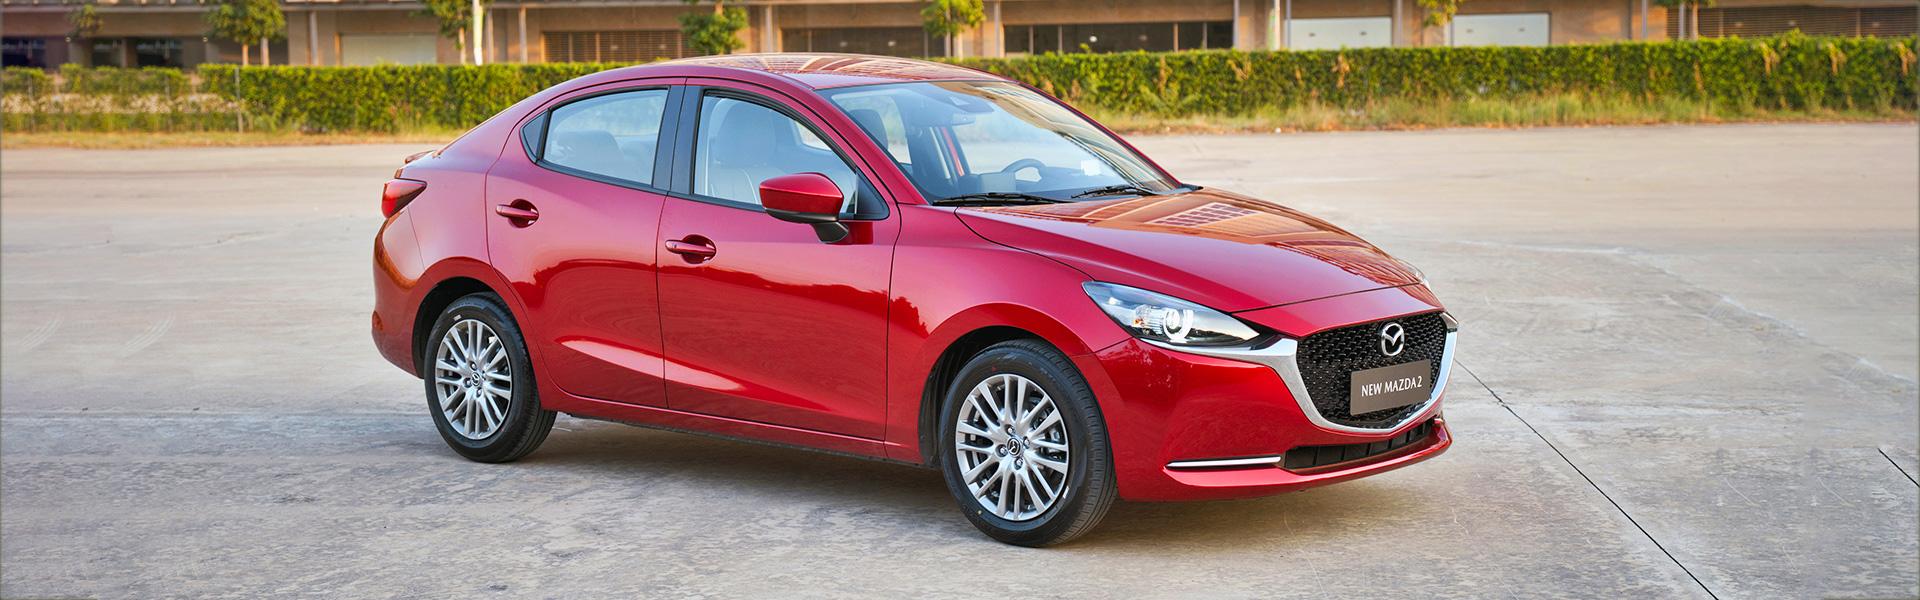 Ảnh ngoại thất Mazda 2-1